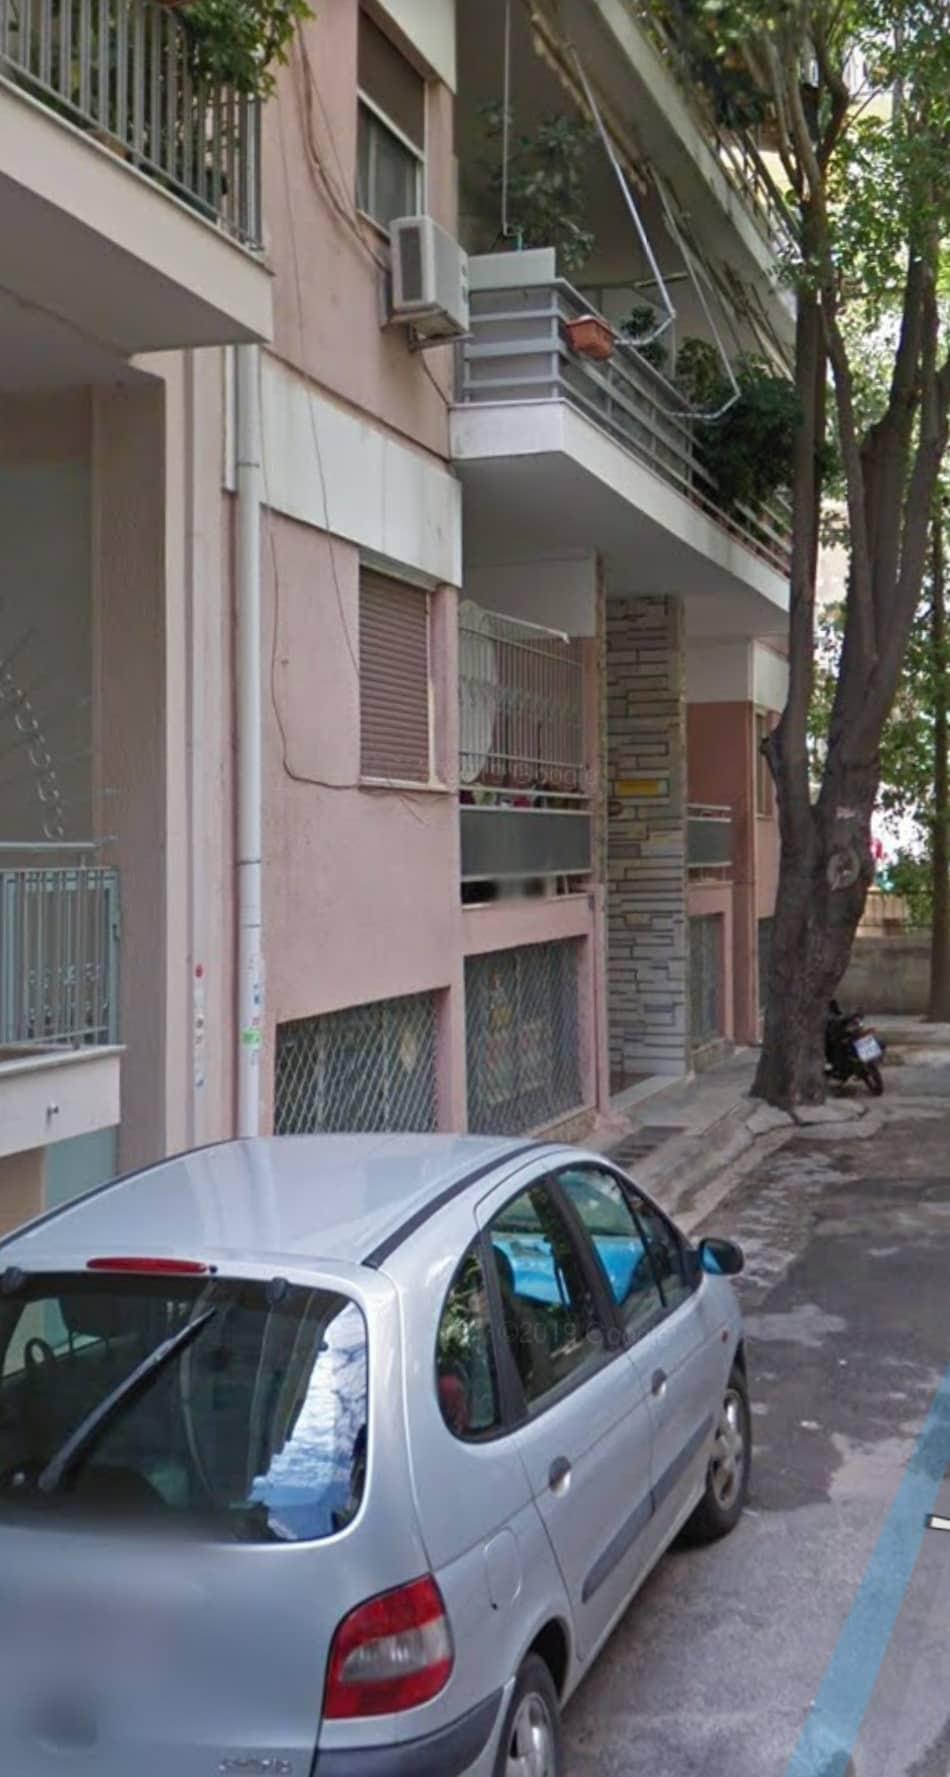 דירת קרקע למכירה בקיפסלי באתונה